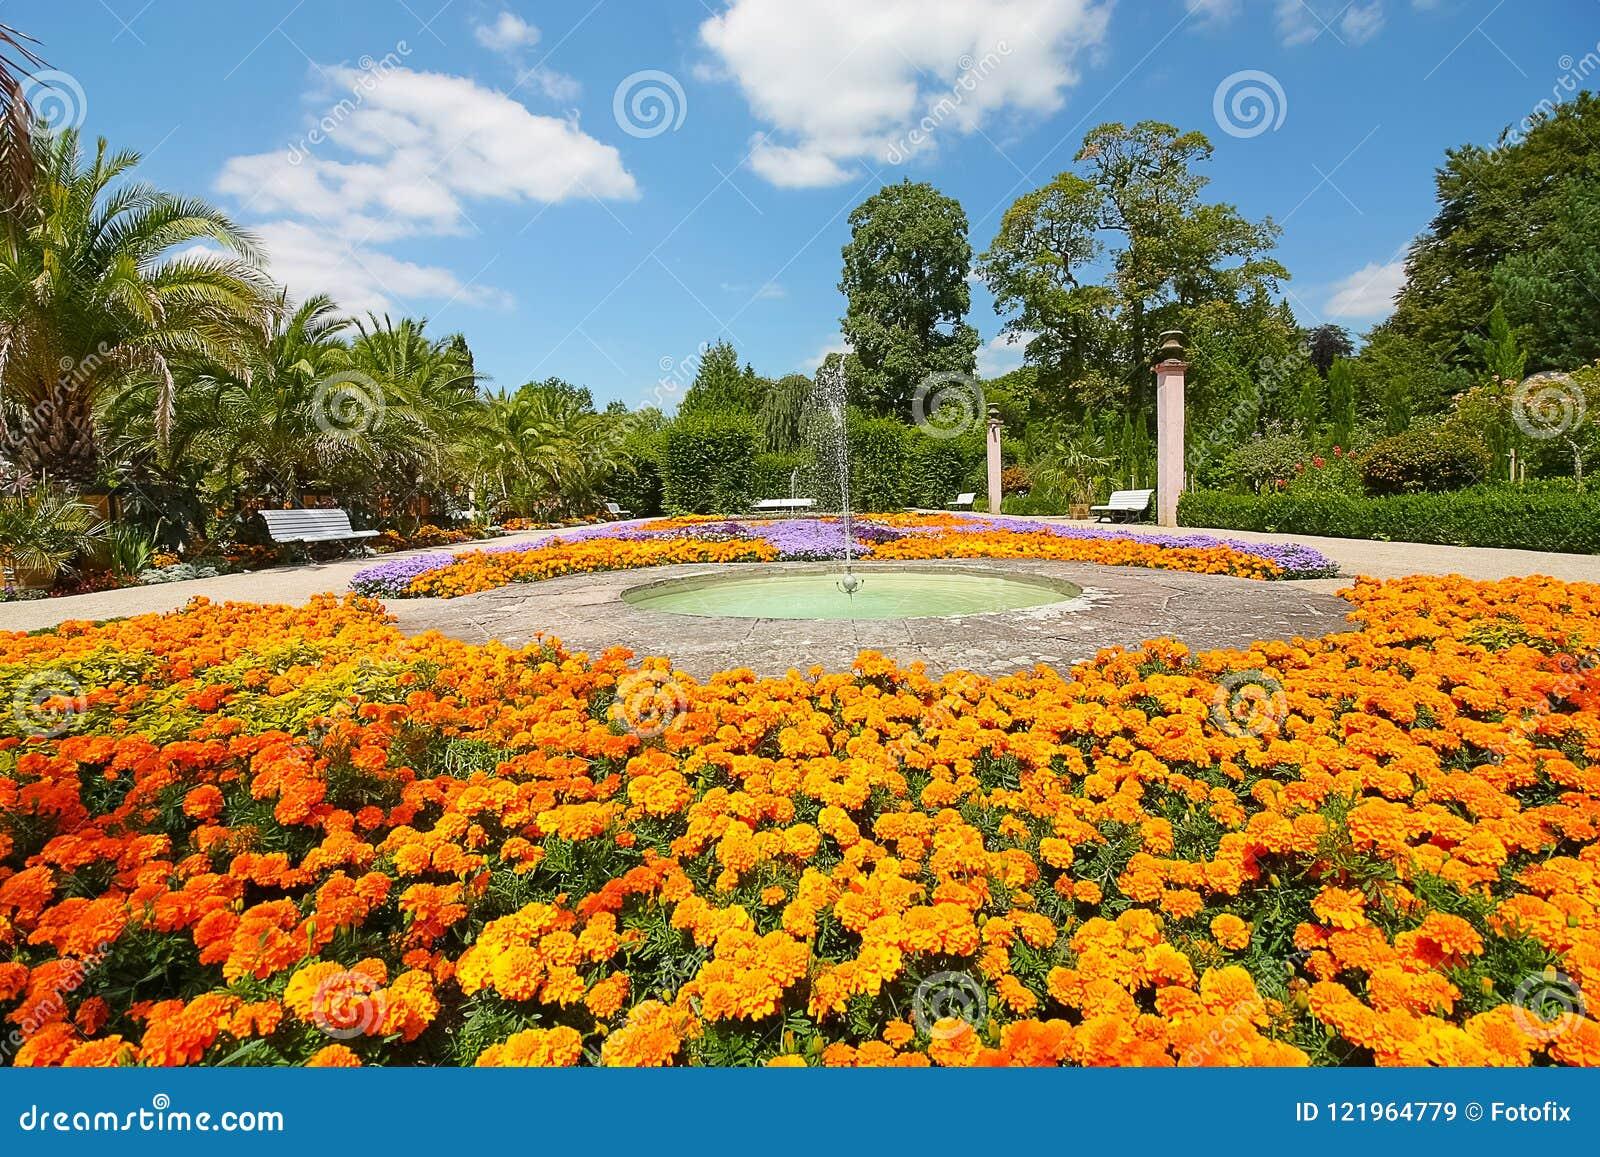 Ζωηρόχρωμα λουλούδια σε ένα πάρκο με τους φοίνικες